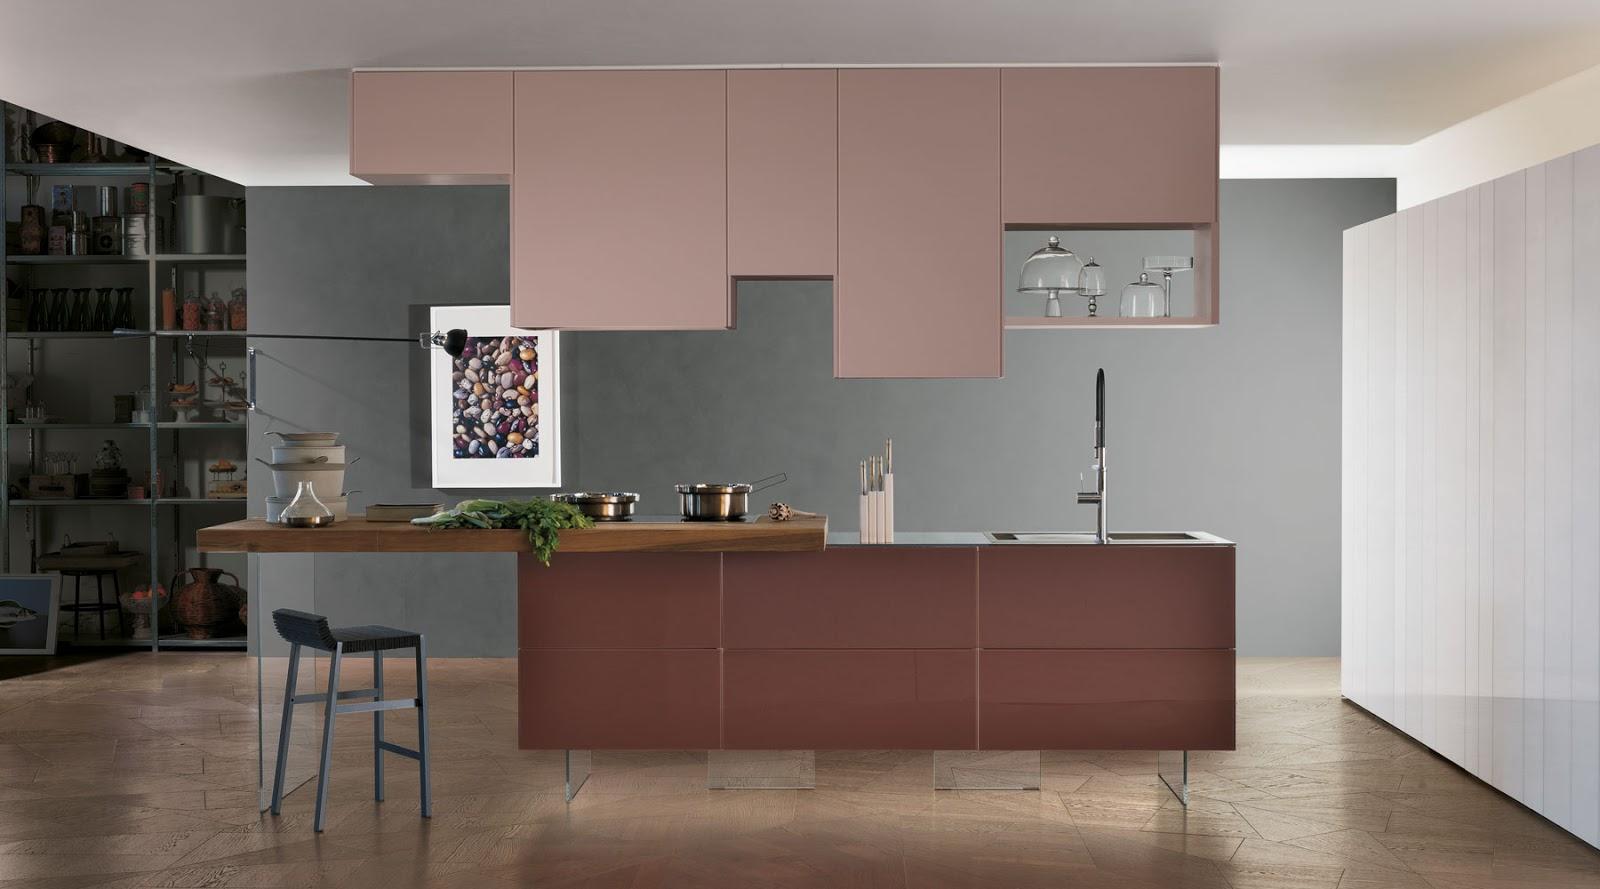 Dise o muebles de cocina dise o de cocina lago for Diseno muebles cocina